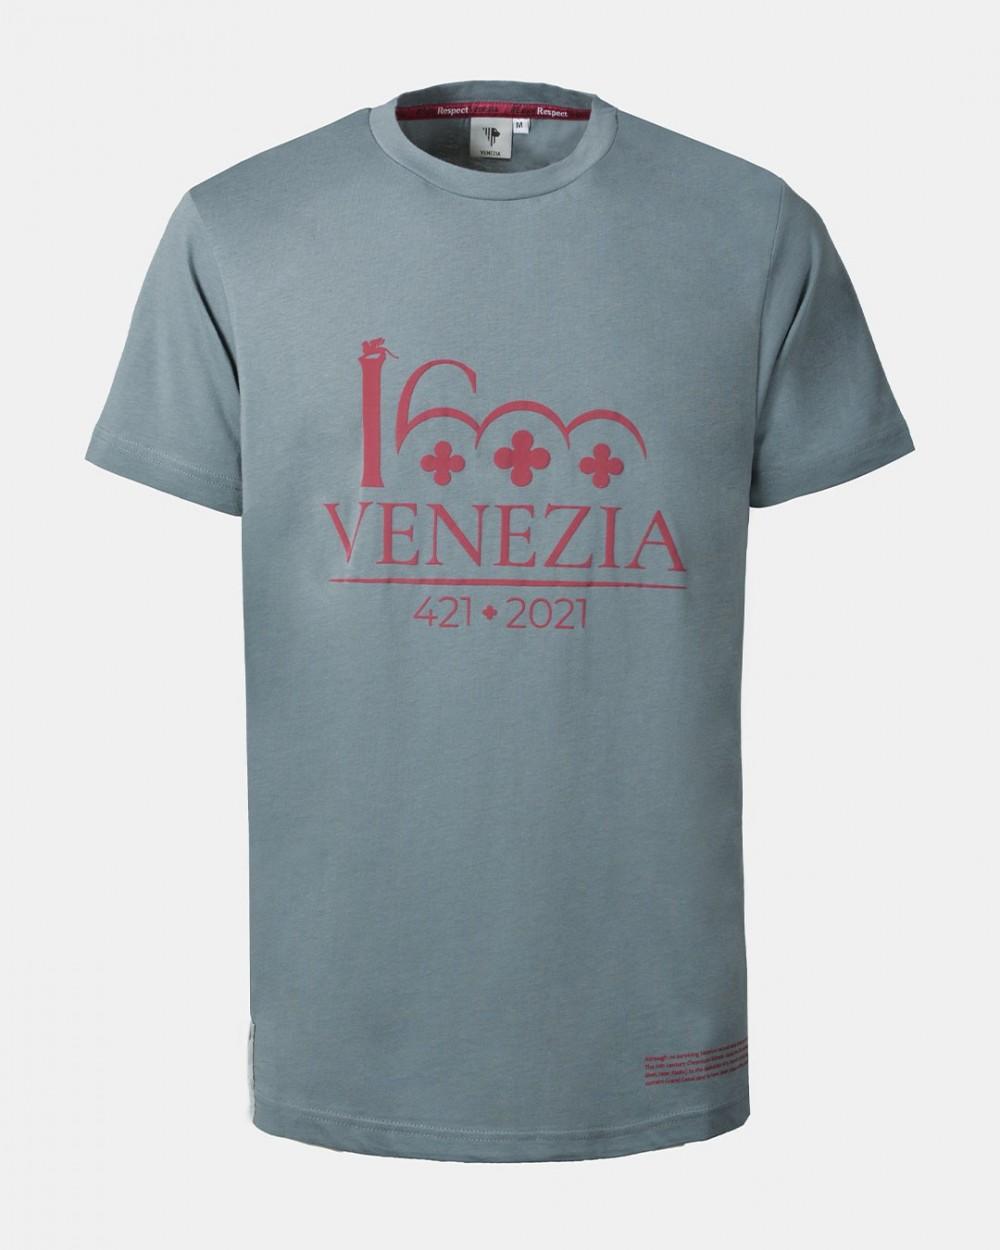 Dark red t-shirt dark red Venezia 1600 logotype front